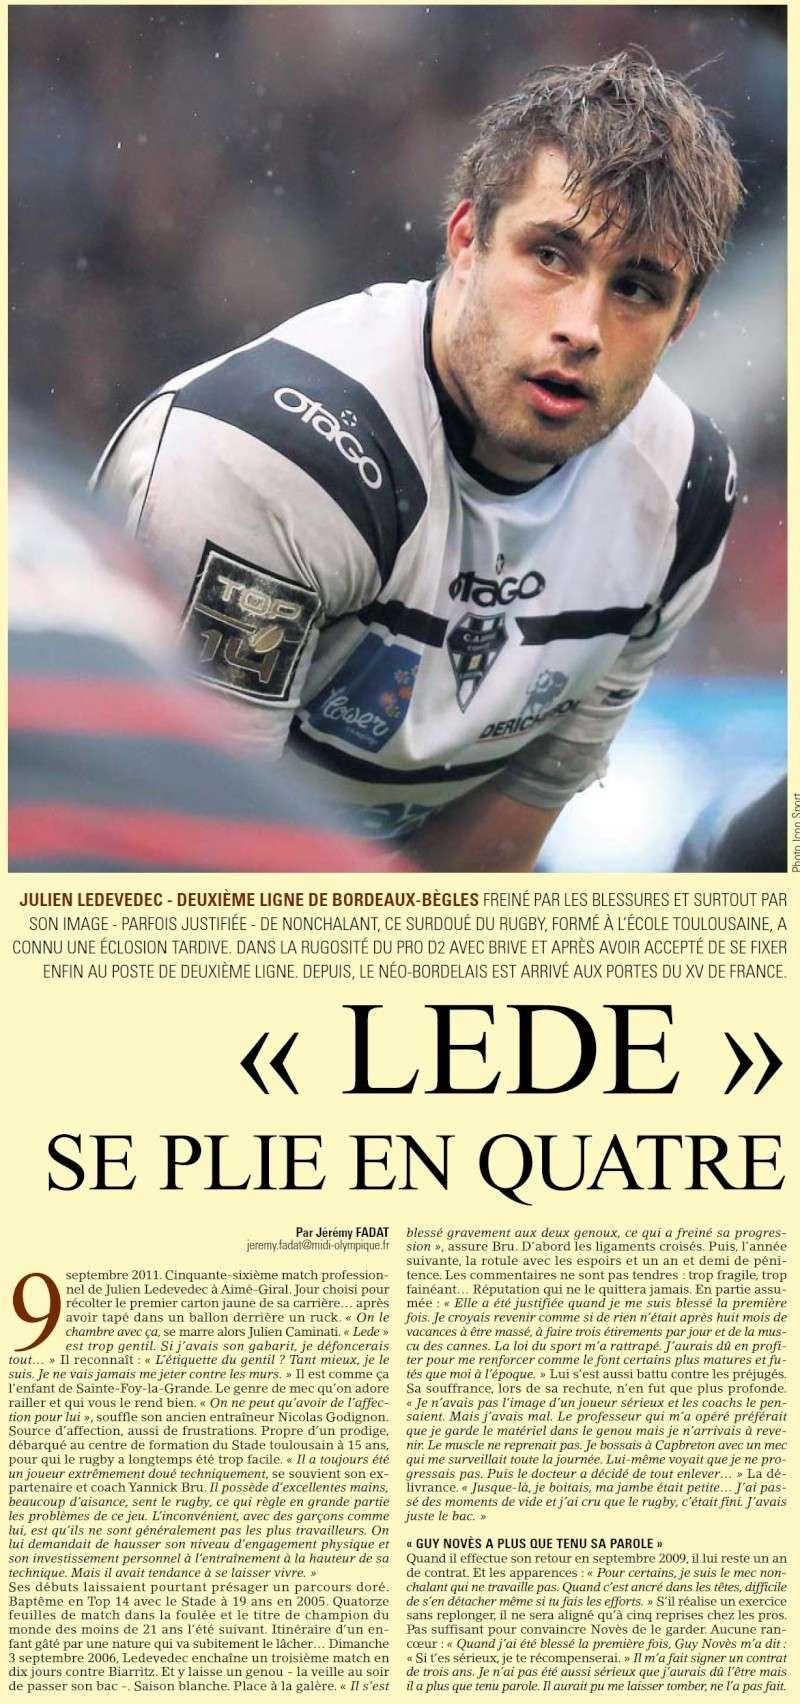 Julien Ledevedec Sans_t22